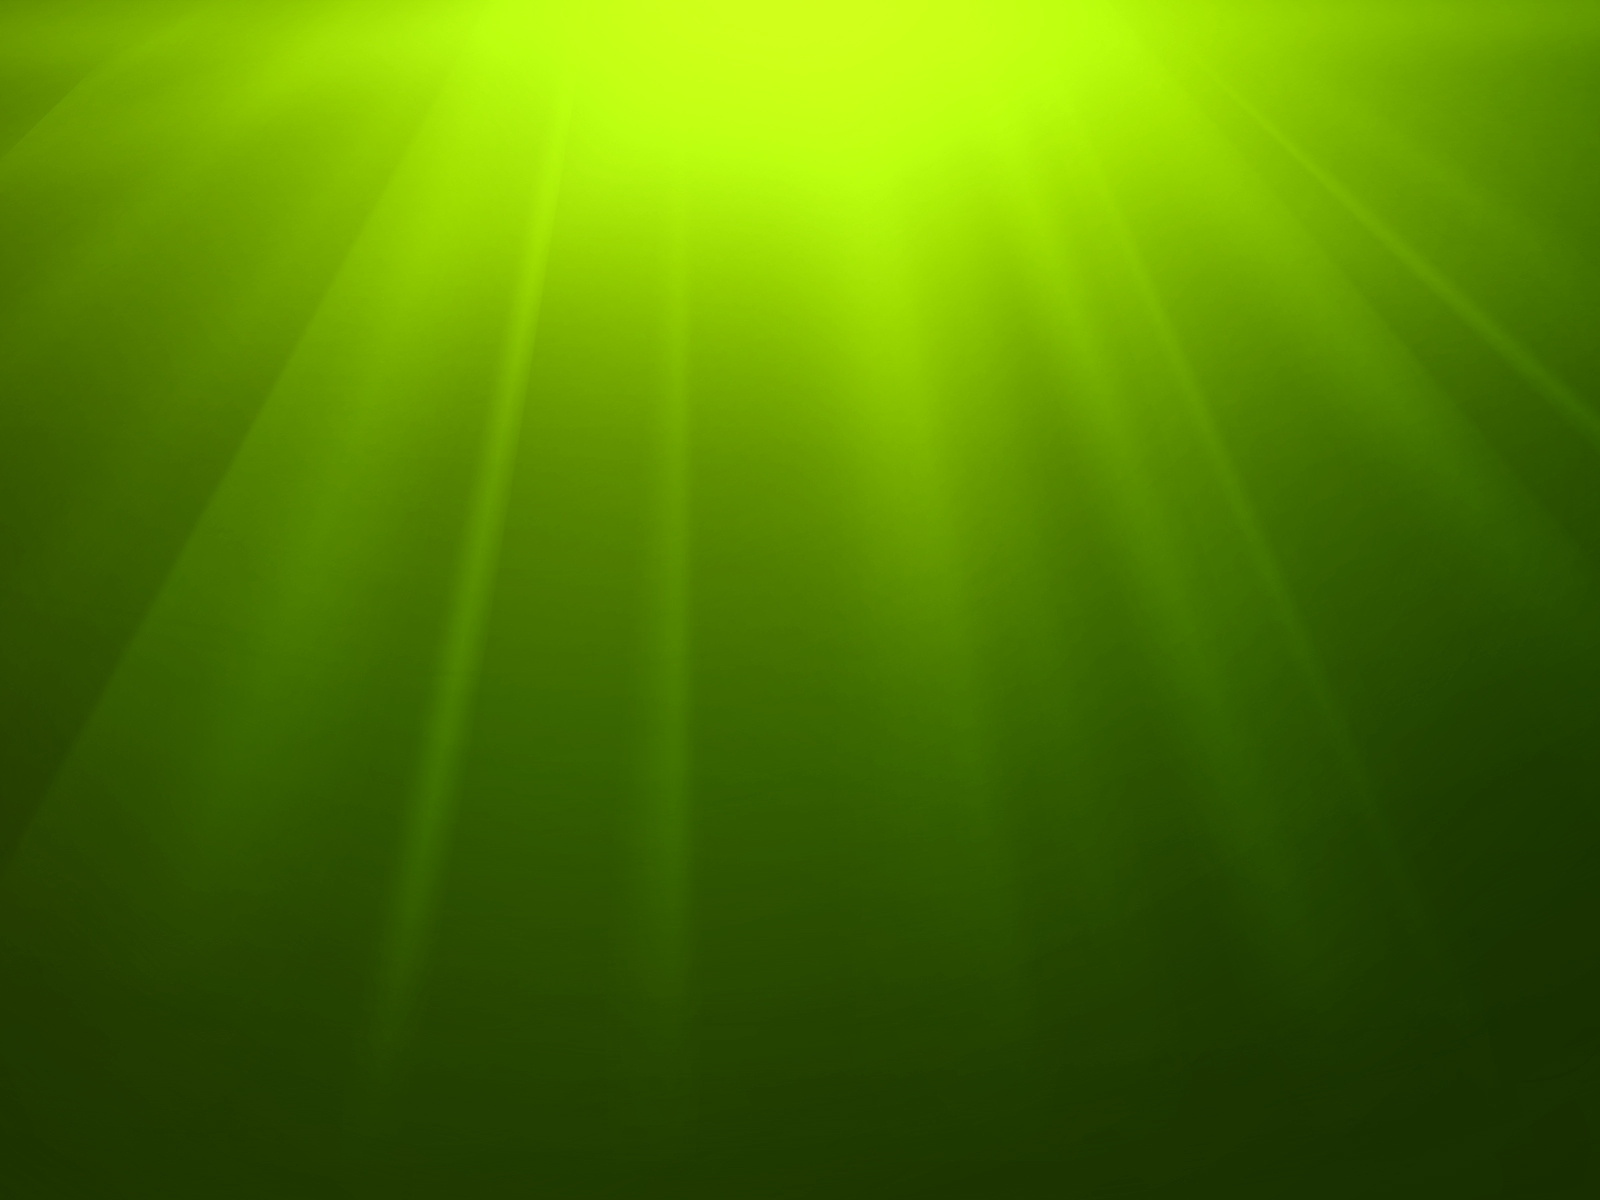 Green Wallpaper 1600x1200 Green 1600x1200